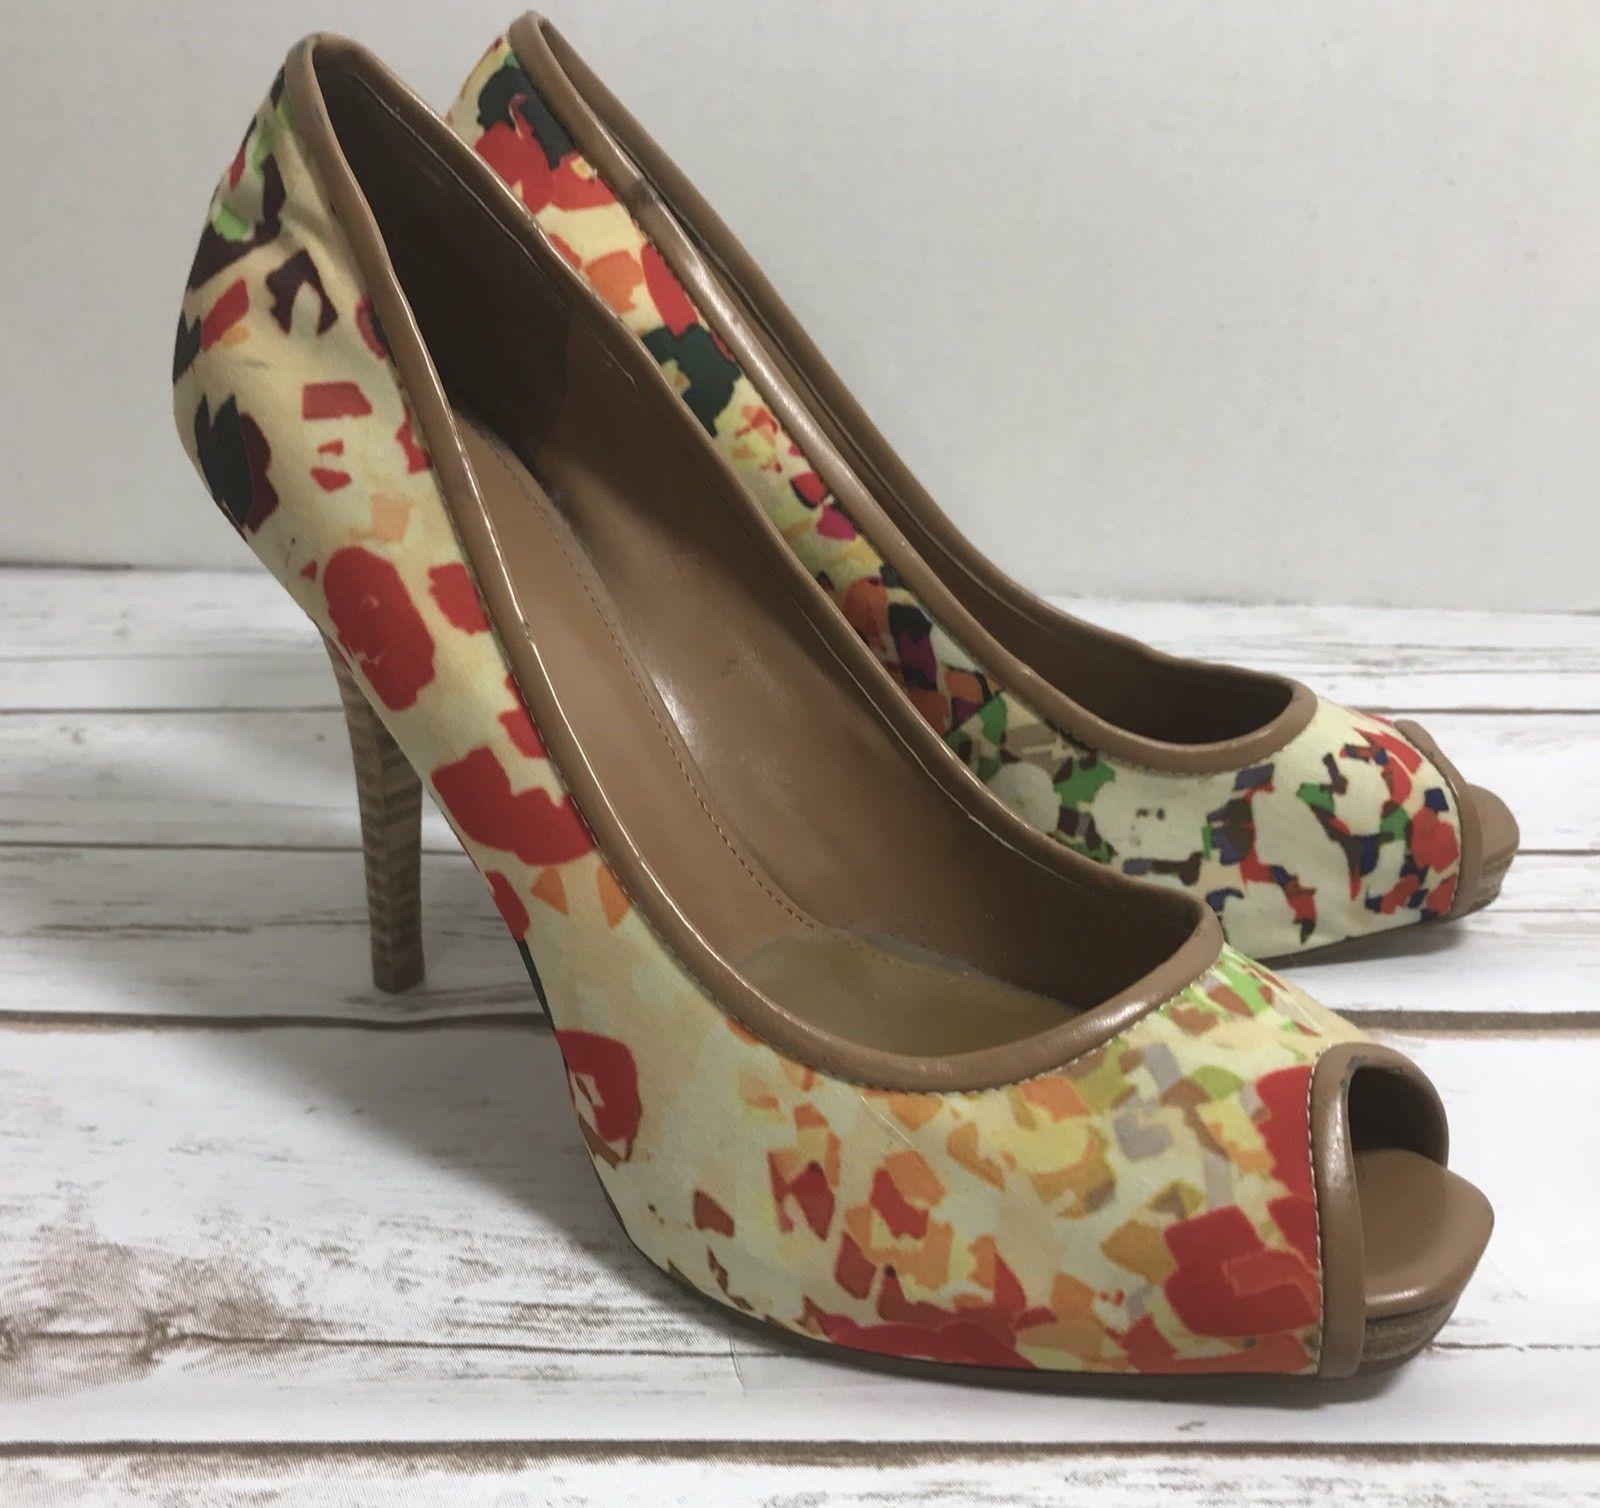 fbc4e27127a S l1600. S l1600. Previous. Nine West Women s Shoes Sz 8 Multi-color PEEP  TOE PUMPS Heel Measures 4